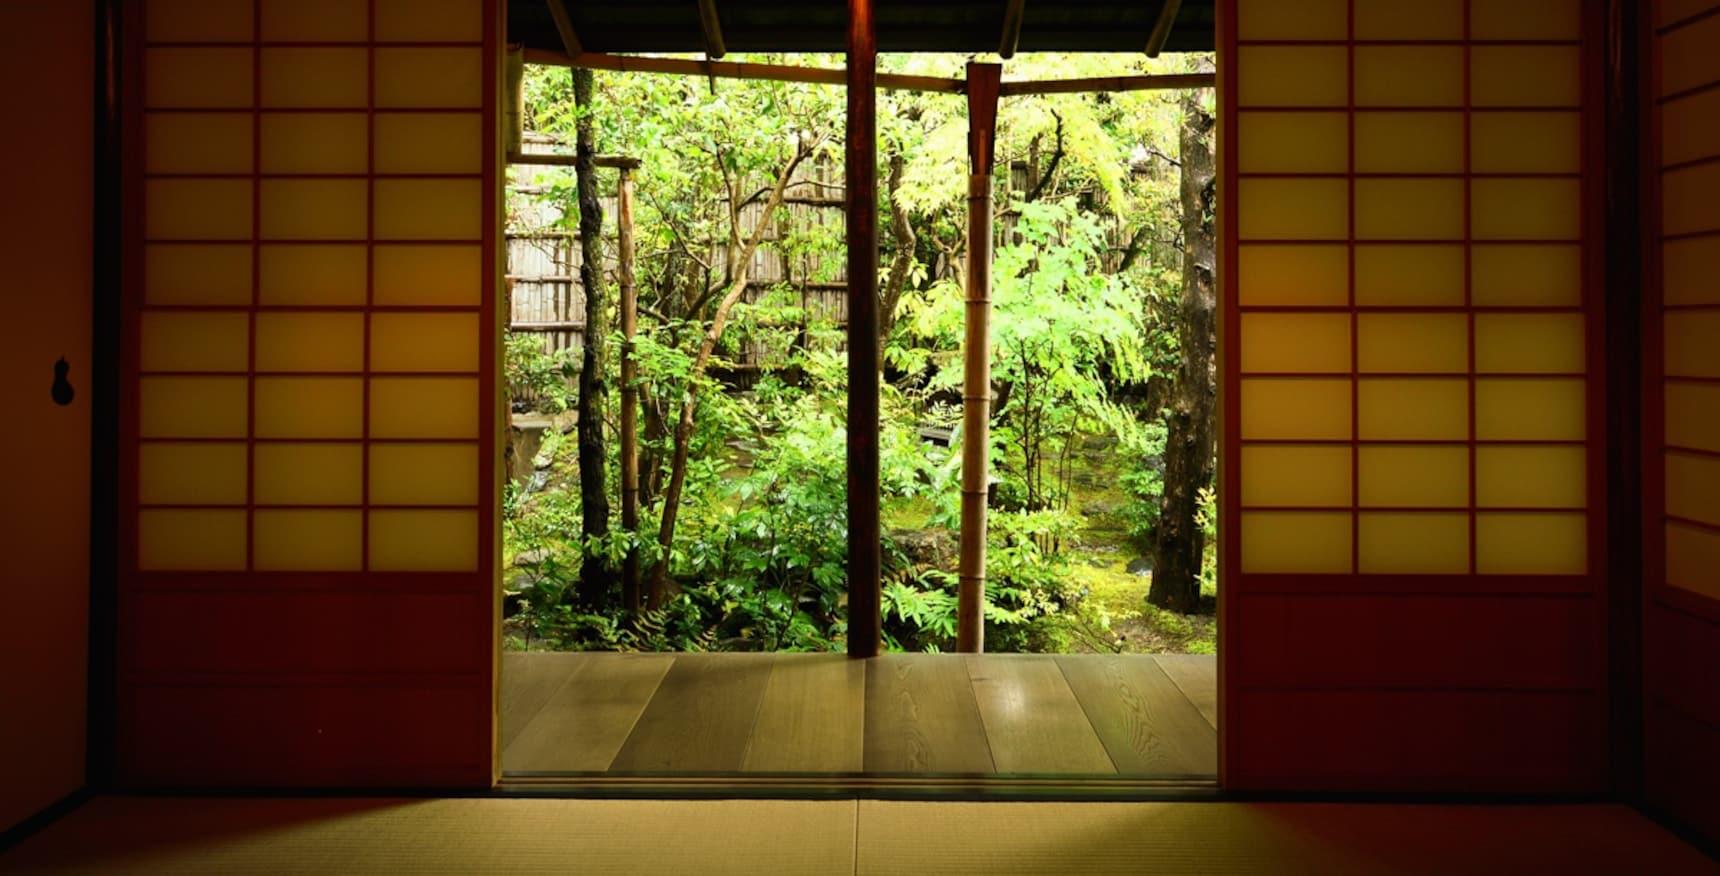 Kyoto Kaiseki Chef Shrugs at Michelin Stars